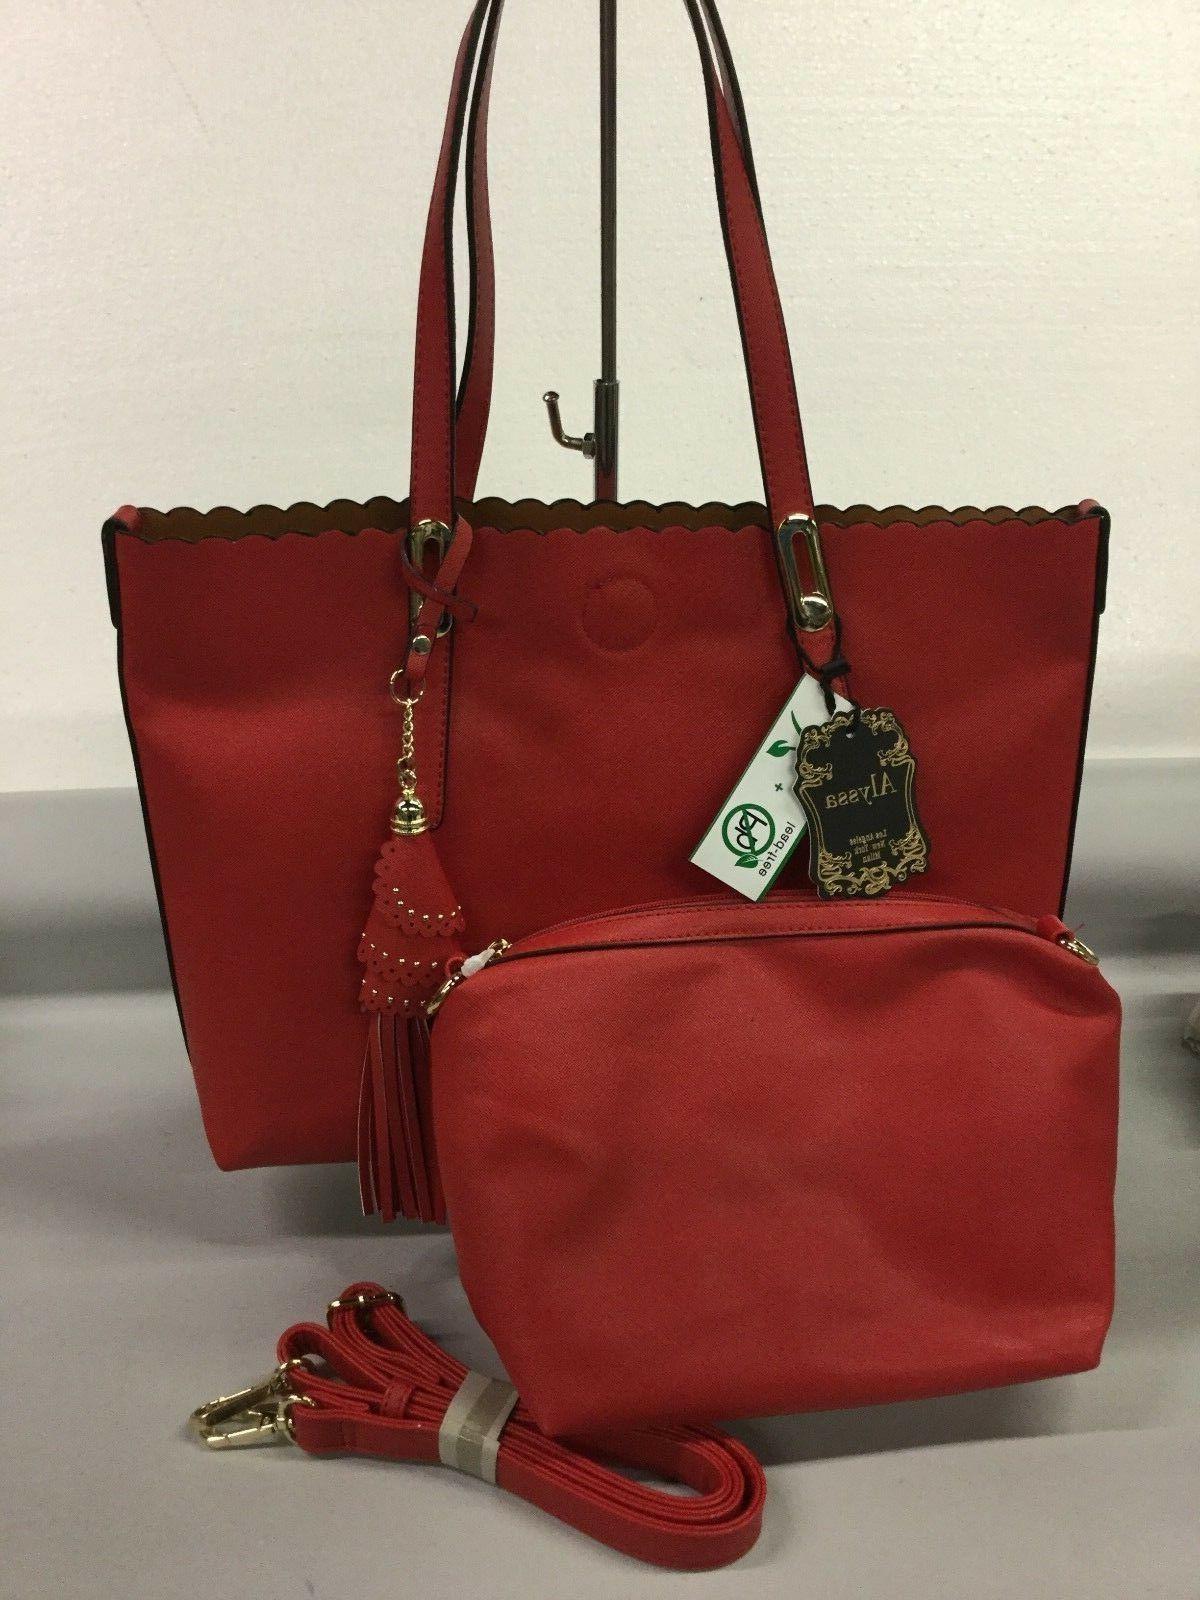 vegan lead free nwt handbag and tote